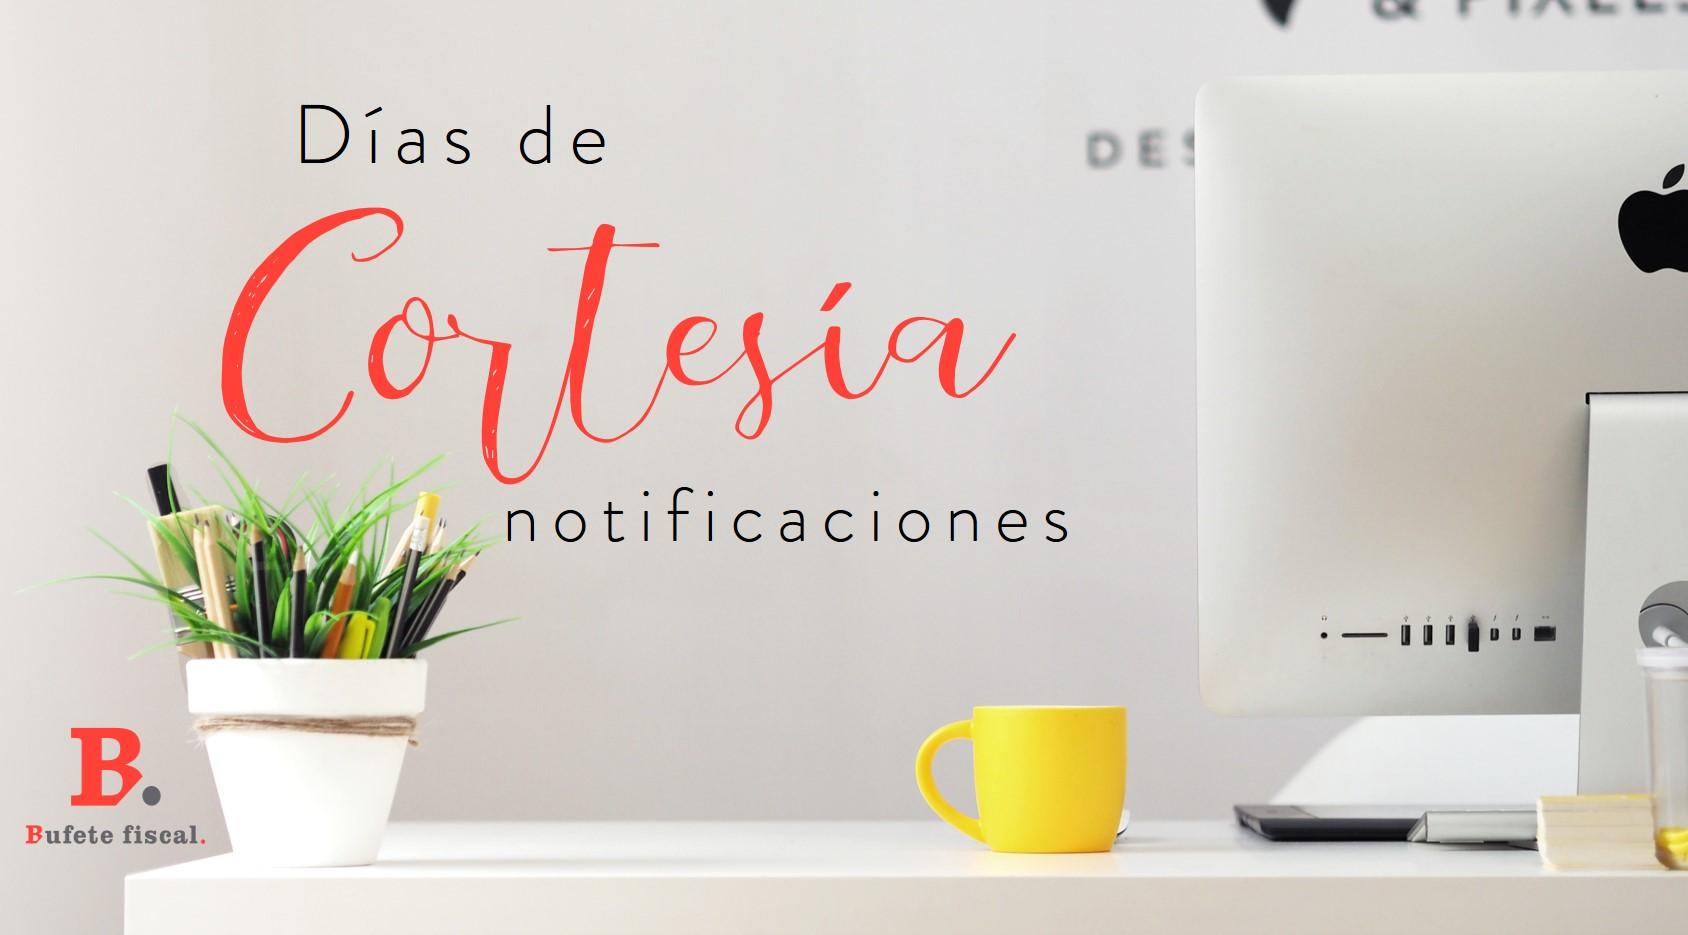 Aeat Calendario Fiscal 2019.Dias De Cortesia De Notificaciones De La Aeat Bufete